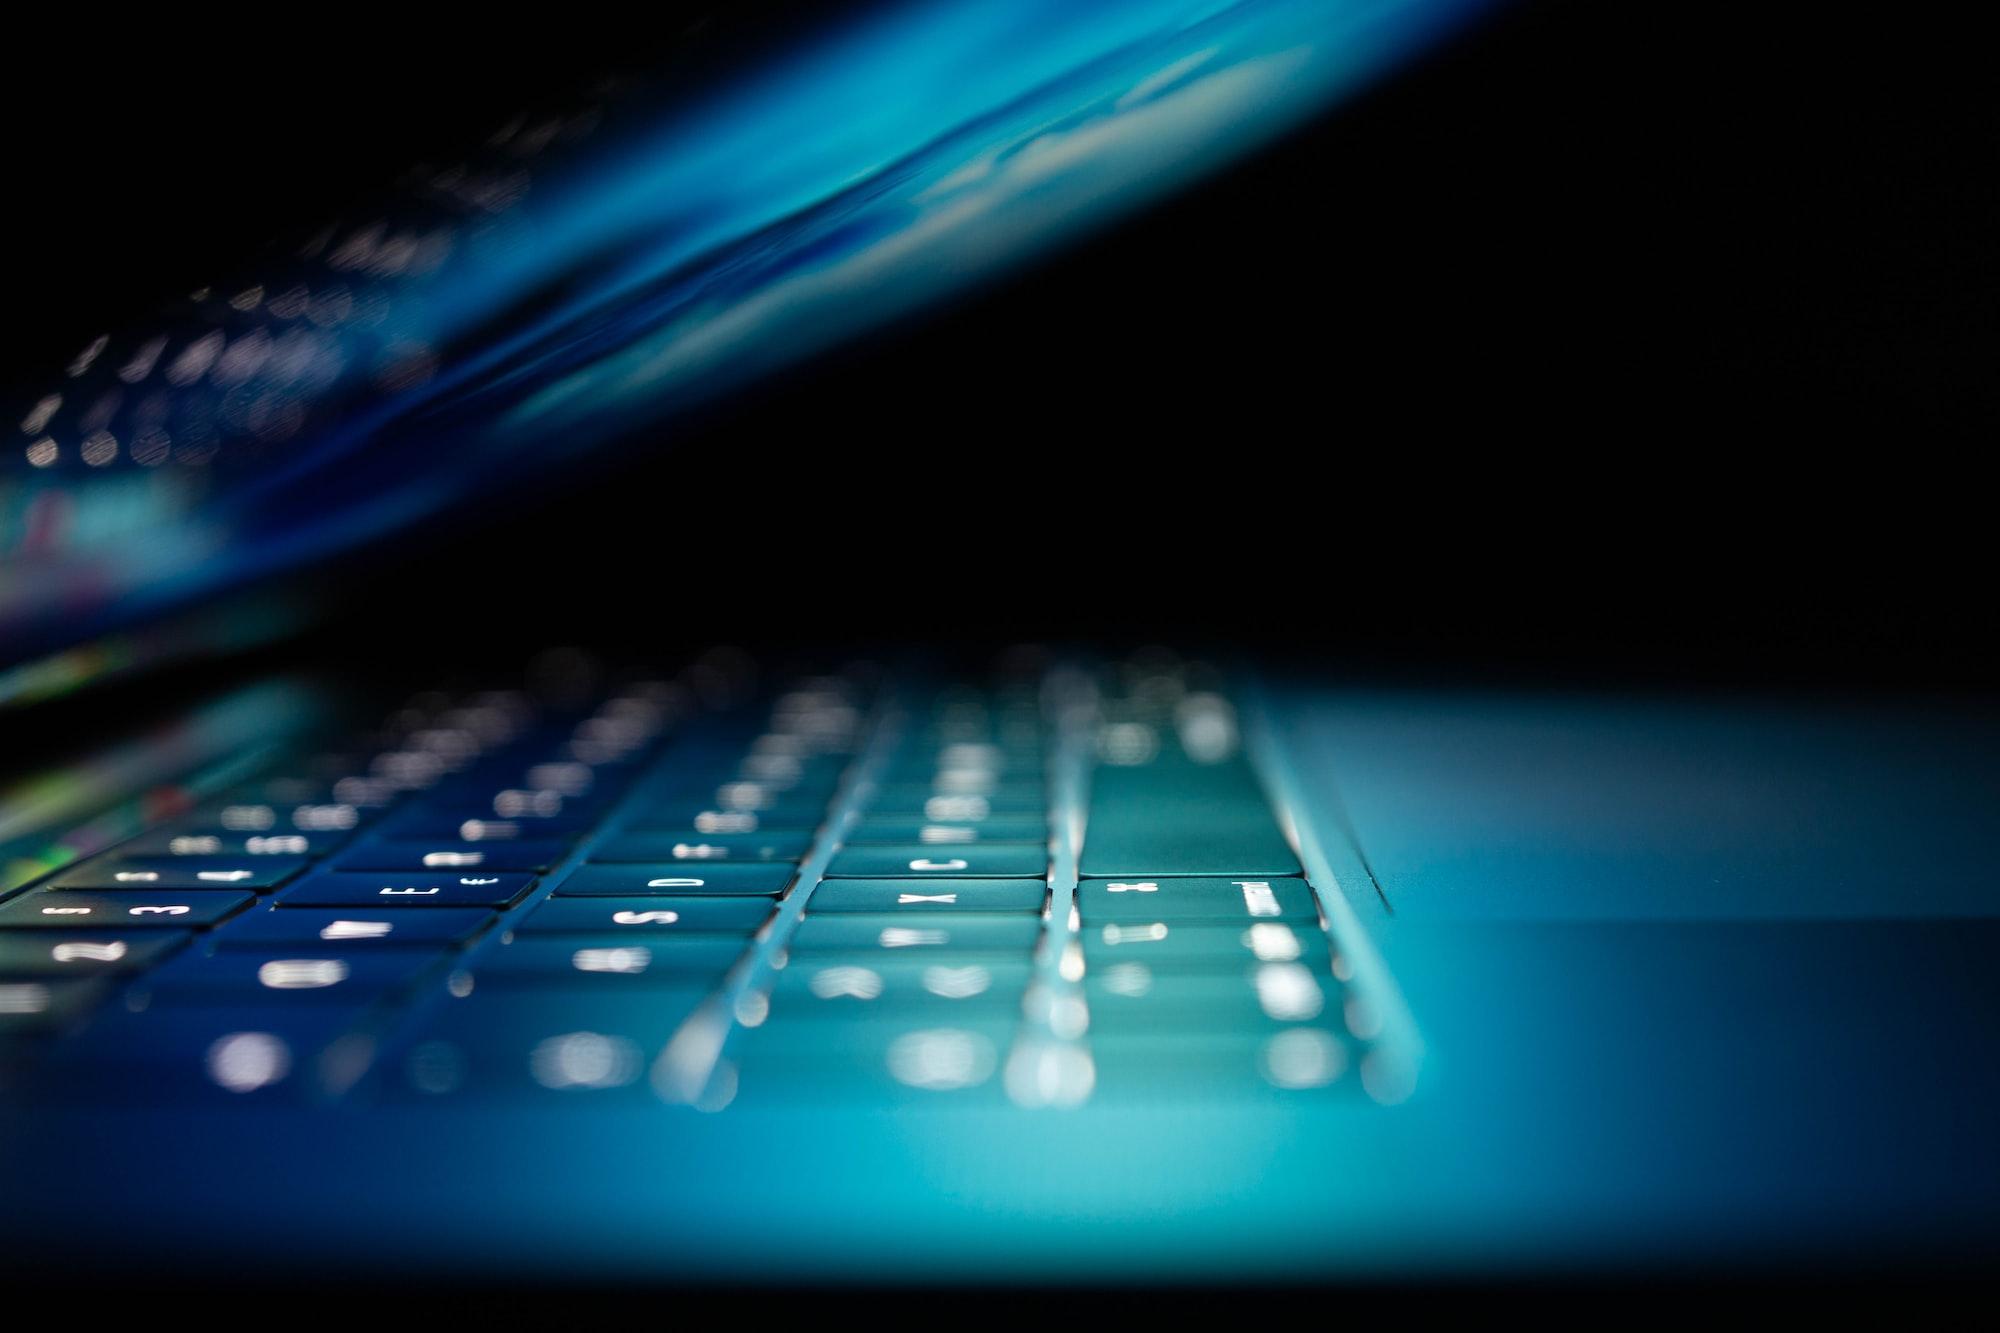 Demystifying iOS Data Security